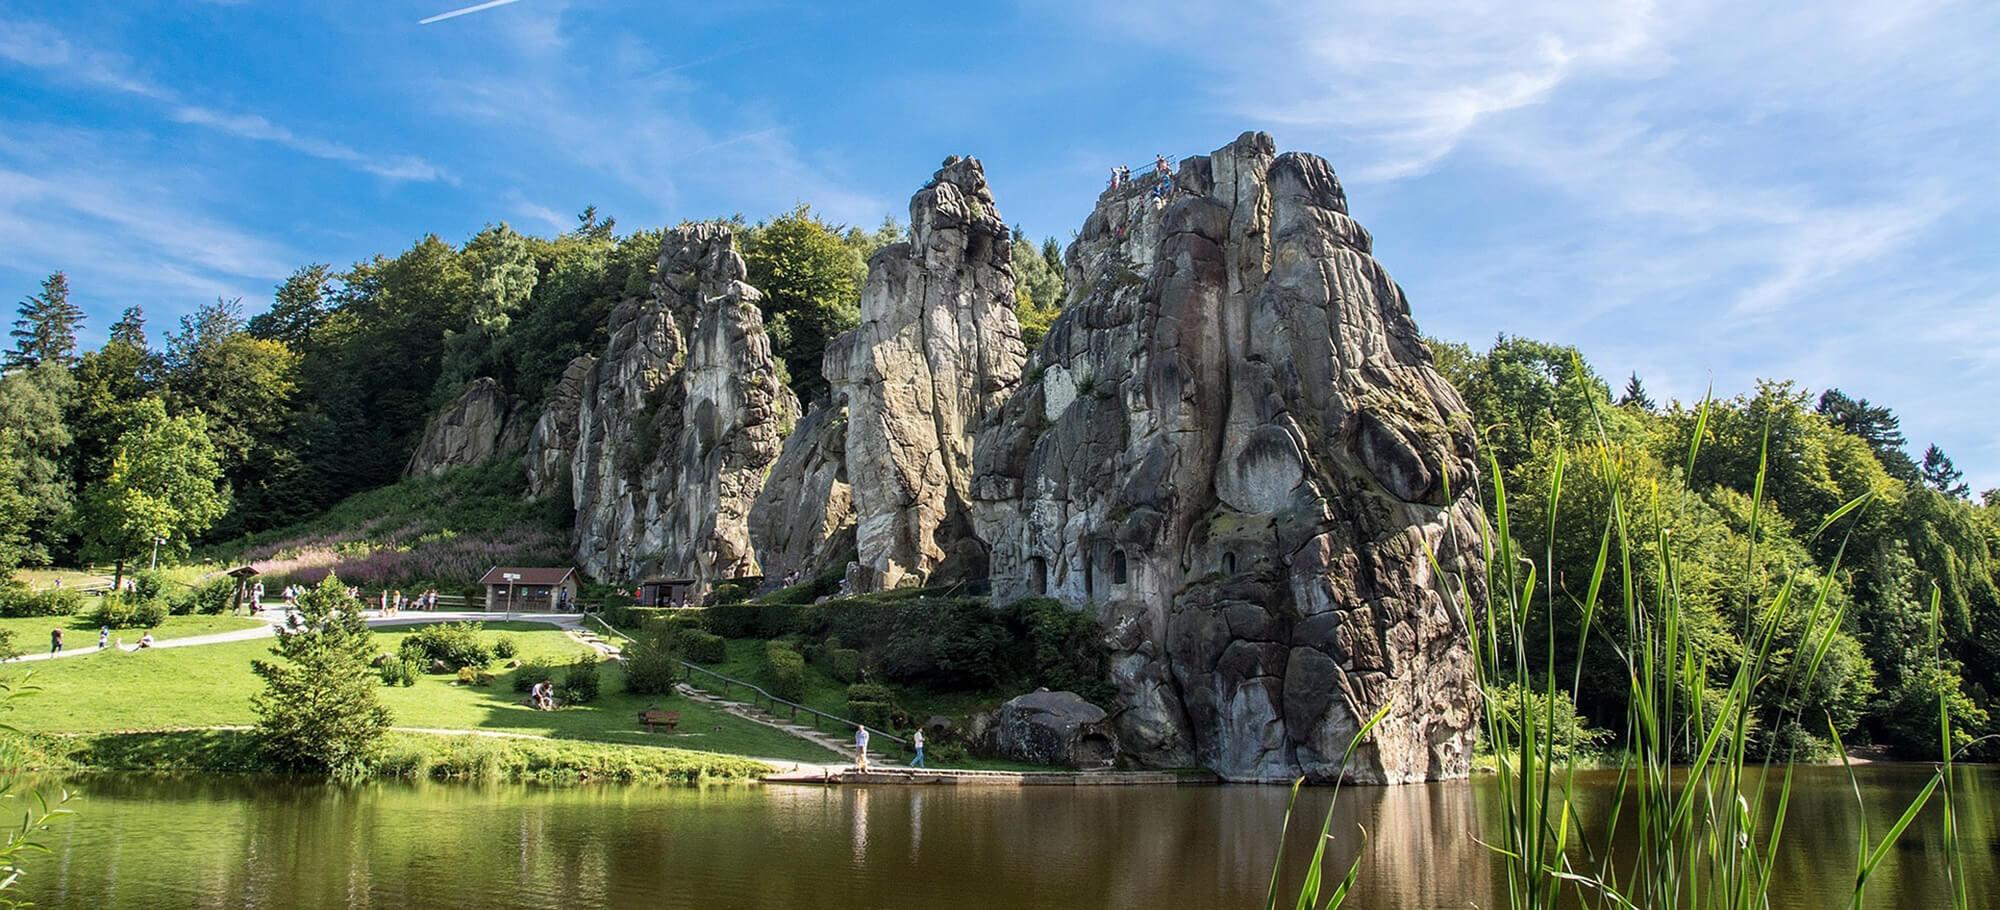 Externsteine Teutoburger Wald Mittelgebirge Deutschland